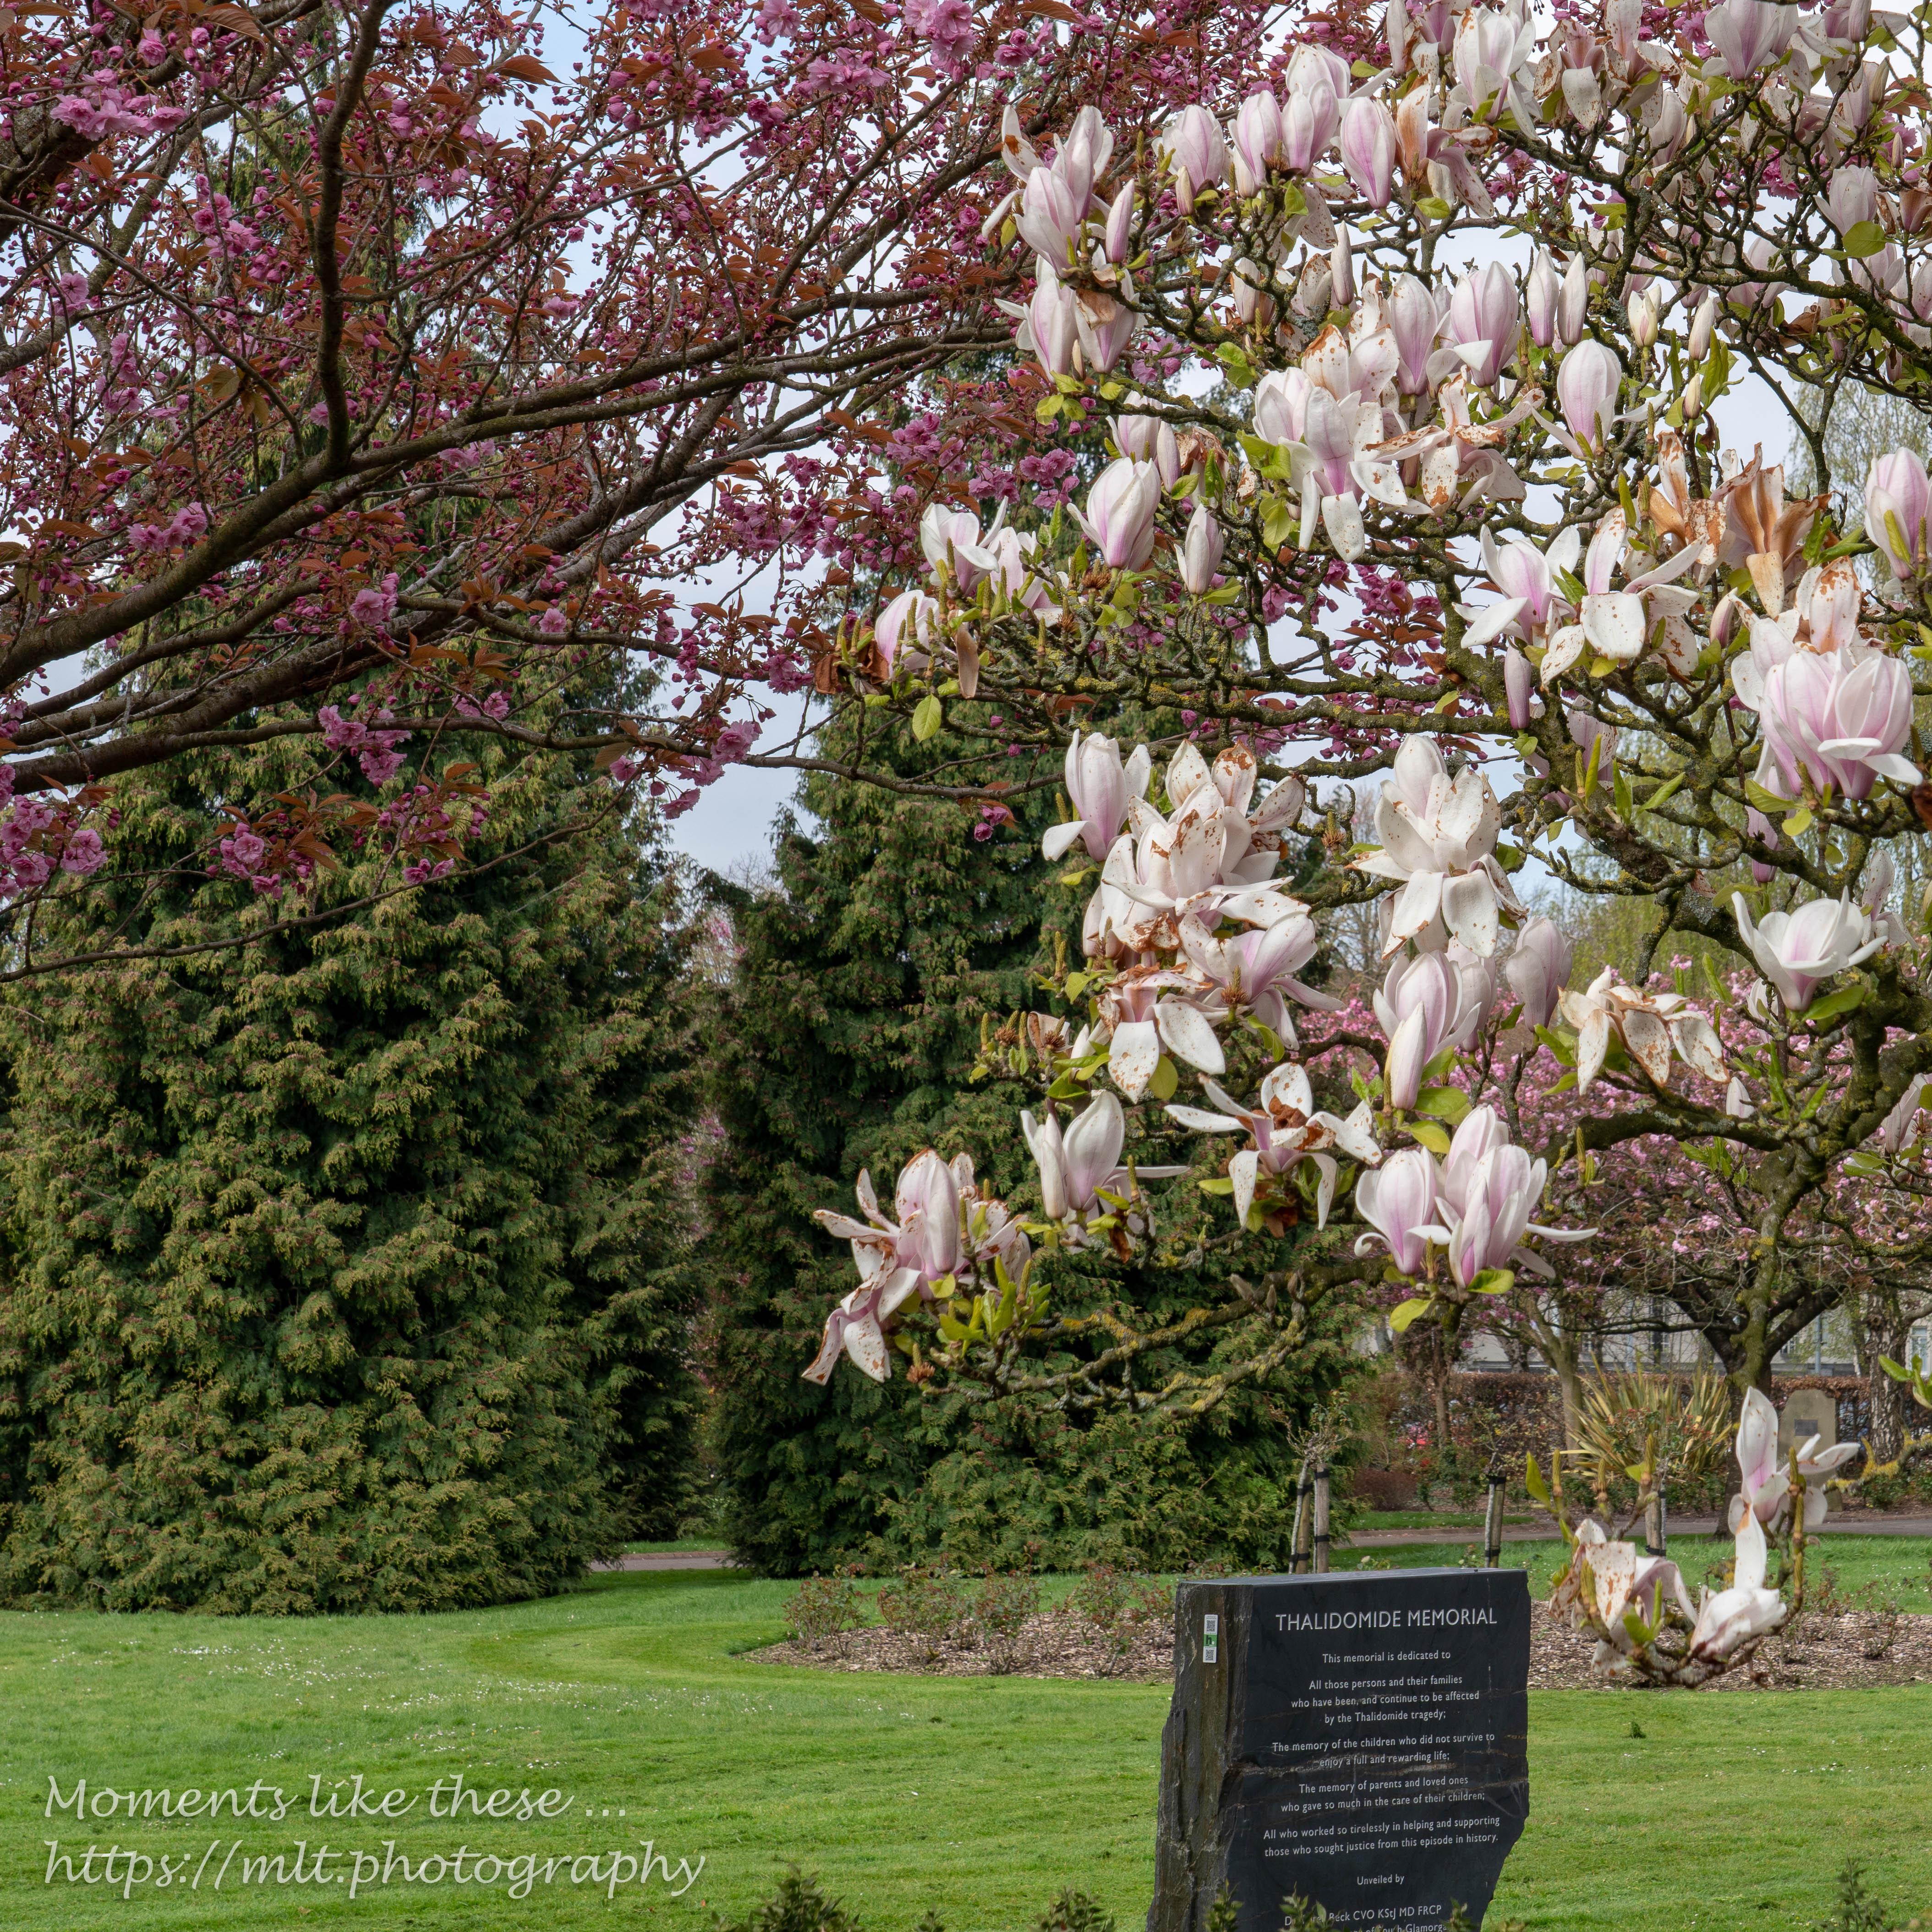 Thalidomide Memorial